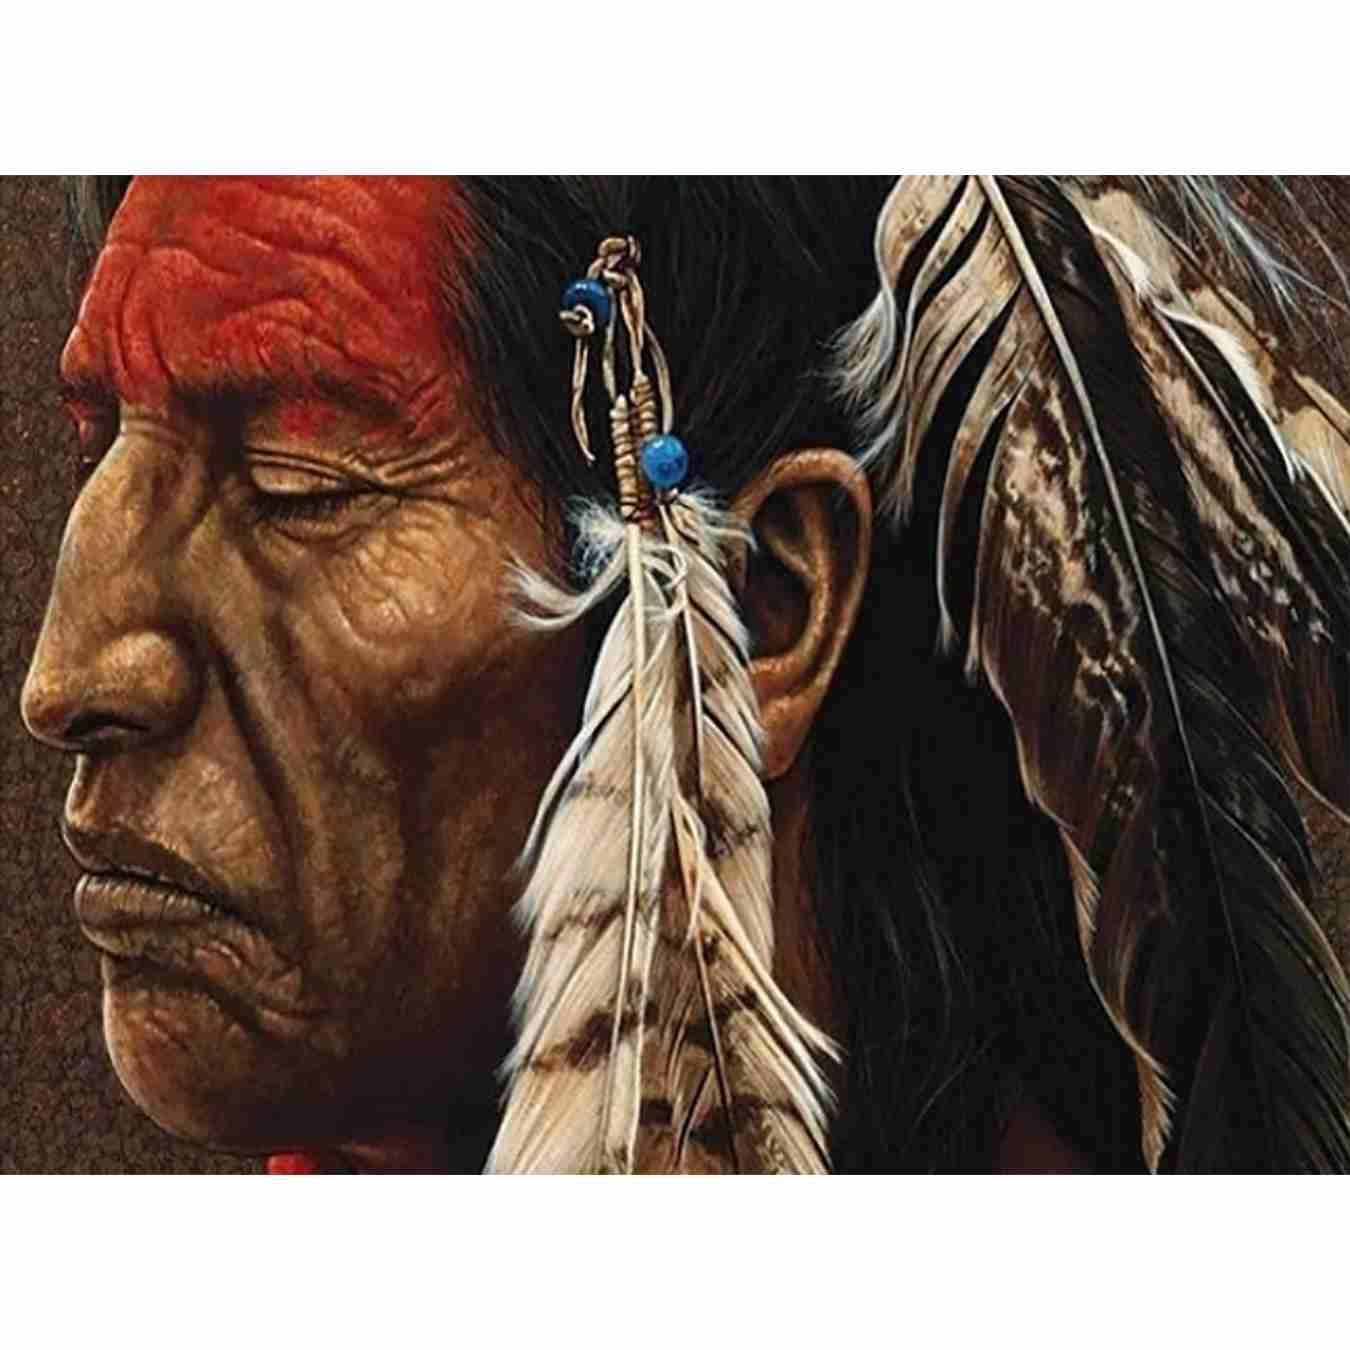 Indiase oude man 5d diy volledige diamant schilderij handwerken - Kunsten, ambachten en naaien